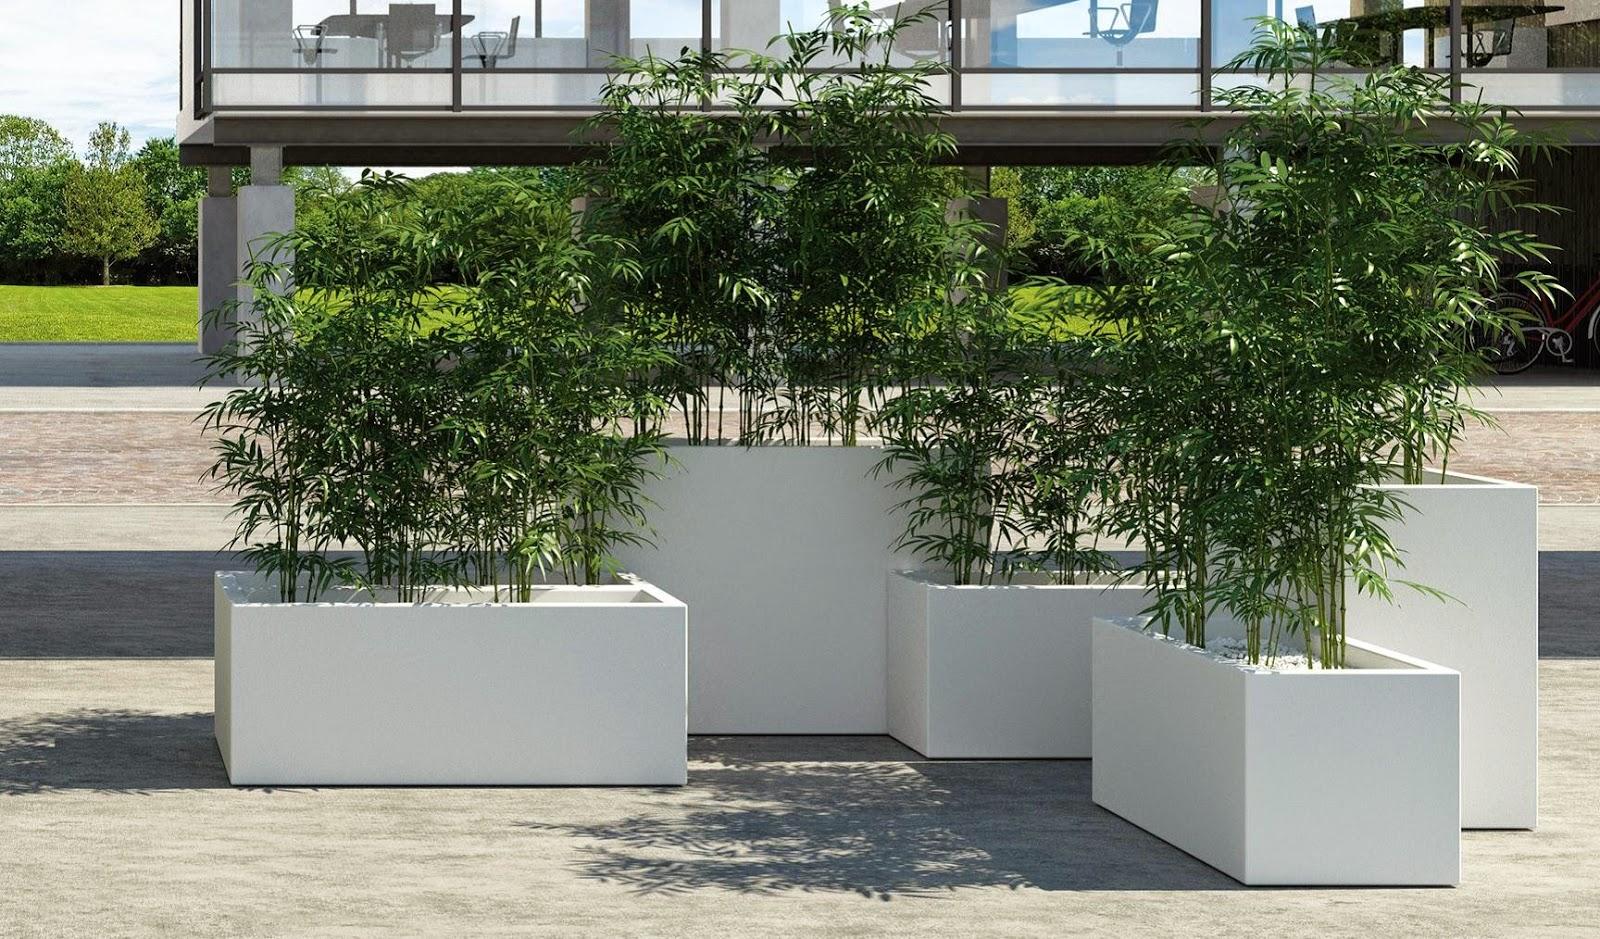 Gtp tarragona reforma la terraza y pon jardineras for Casa minimalista tarragona